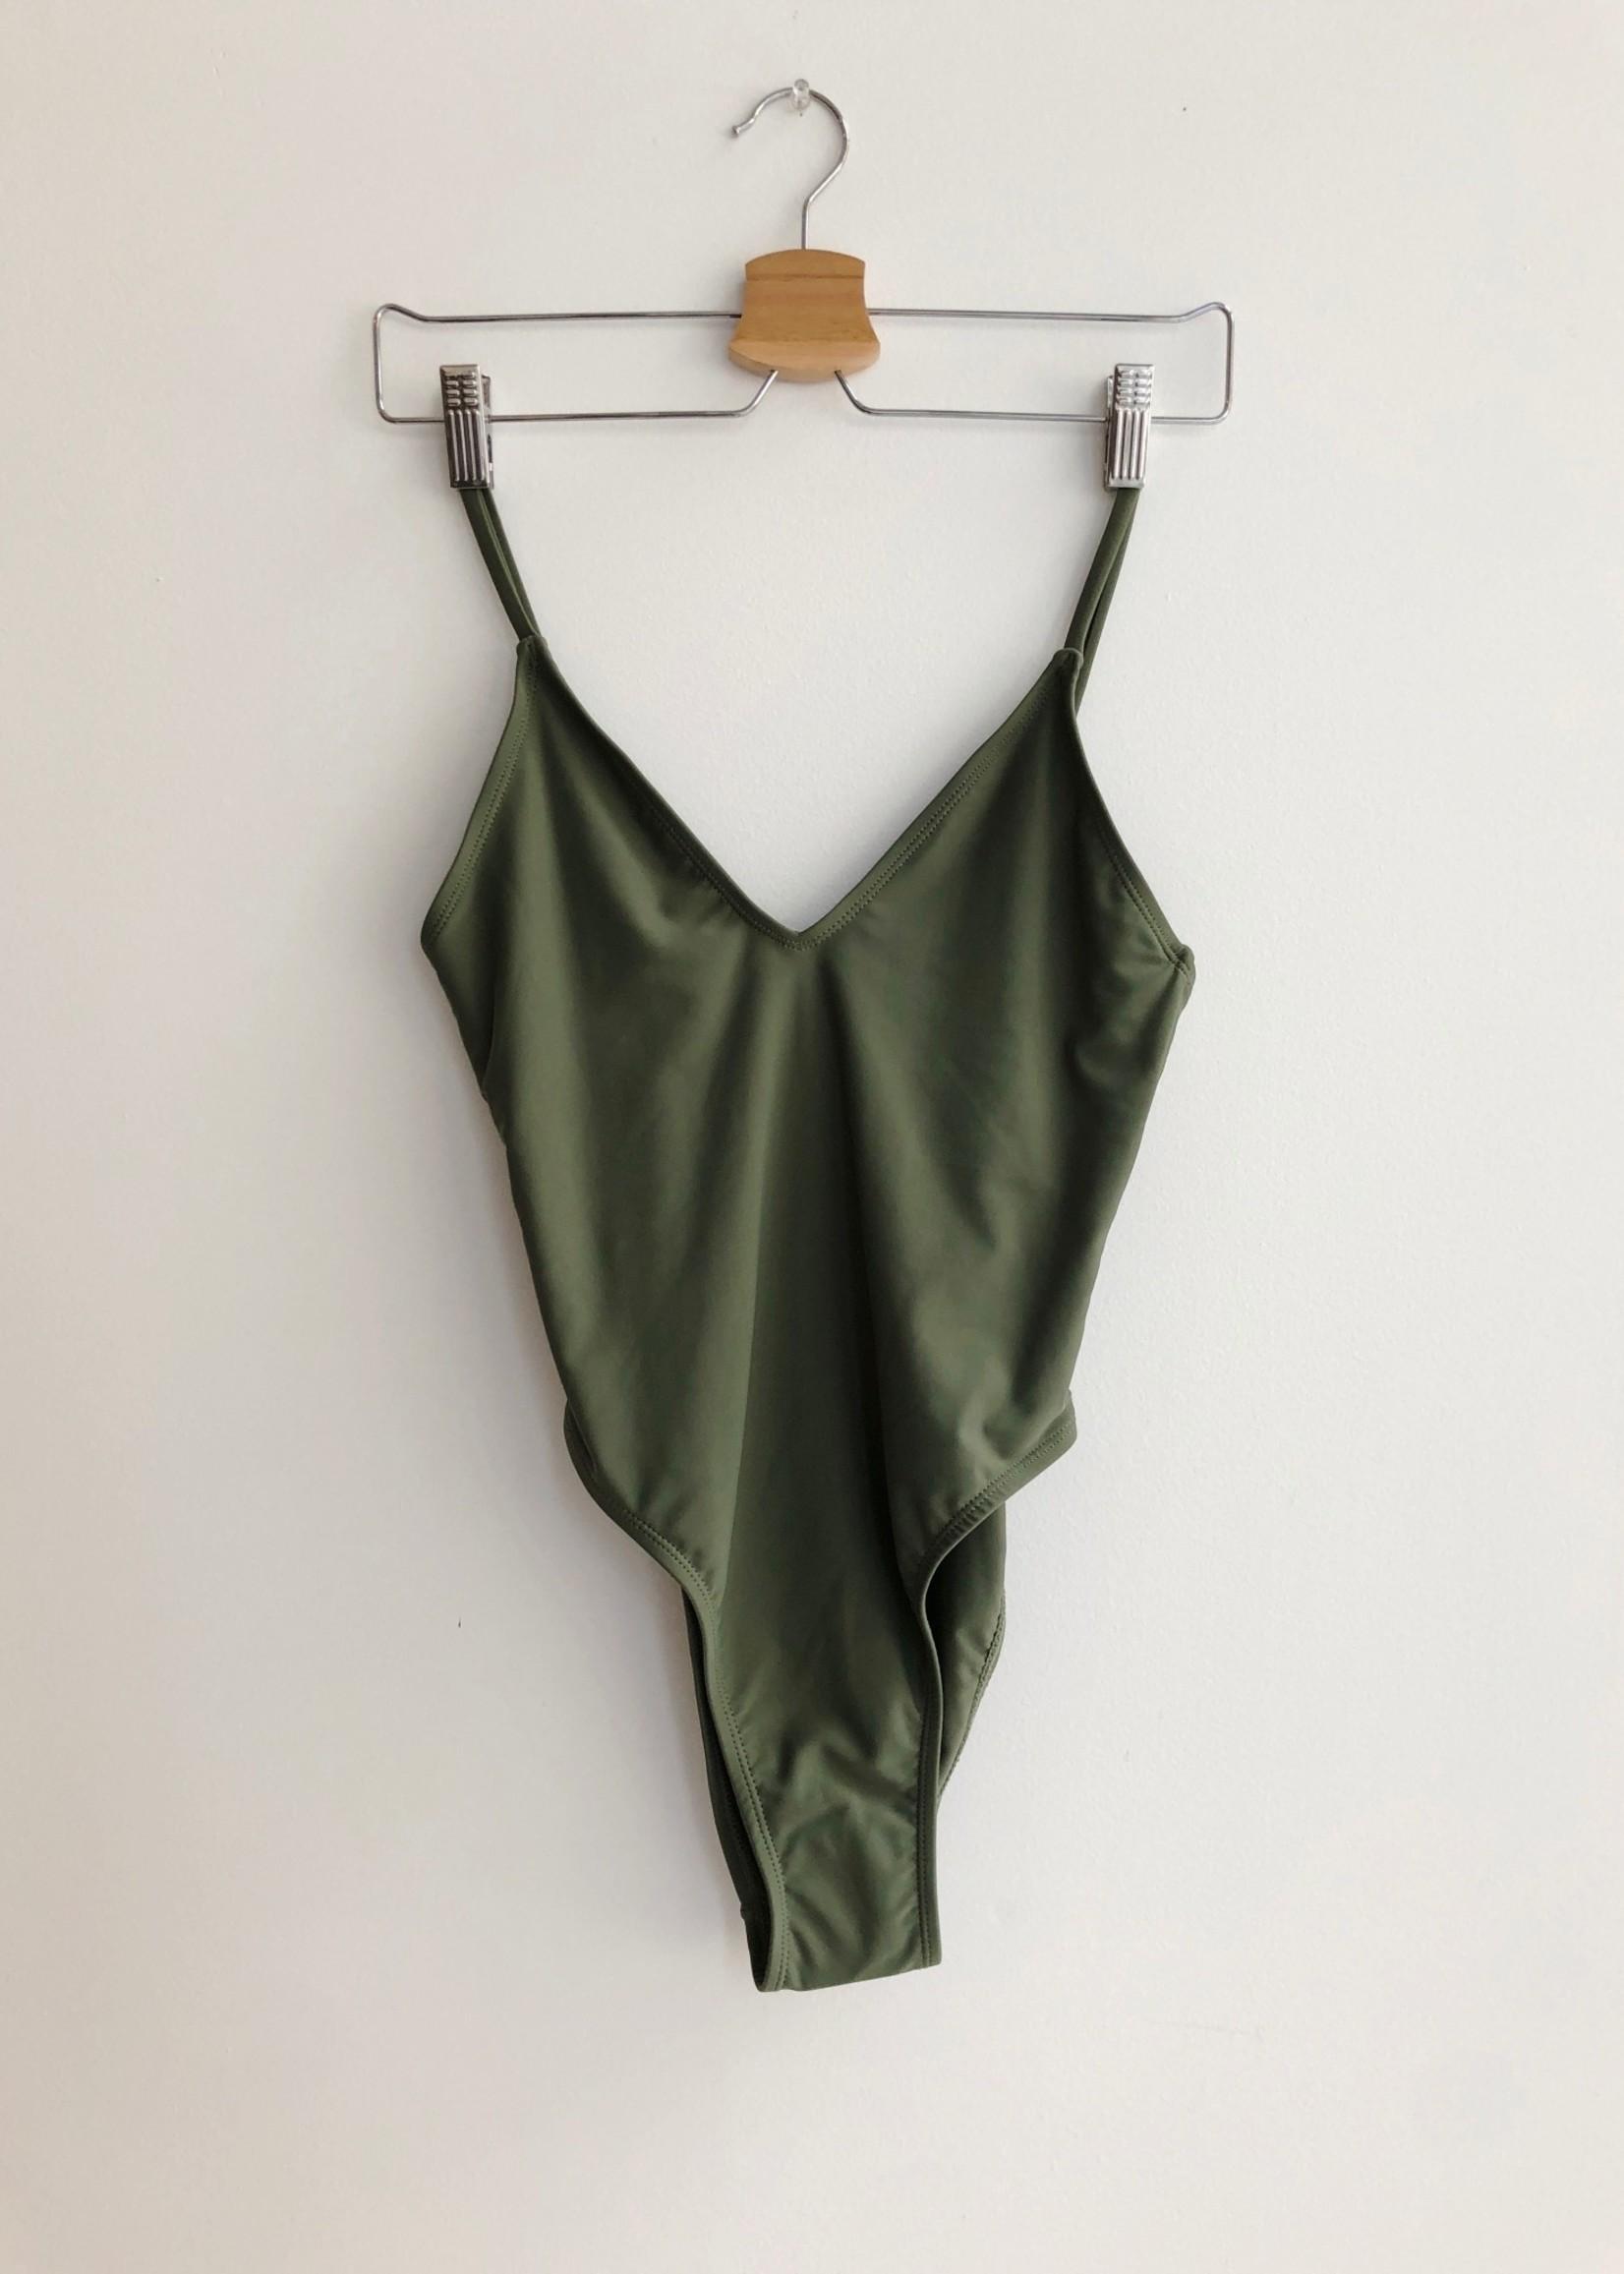 Blush Lingerie Tropez Swimsuit by Blush Lingerie